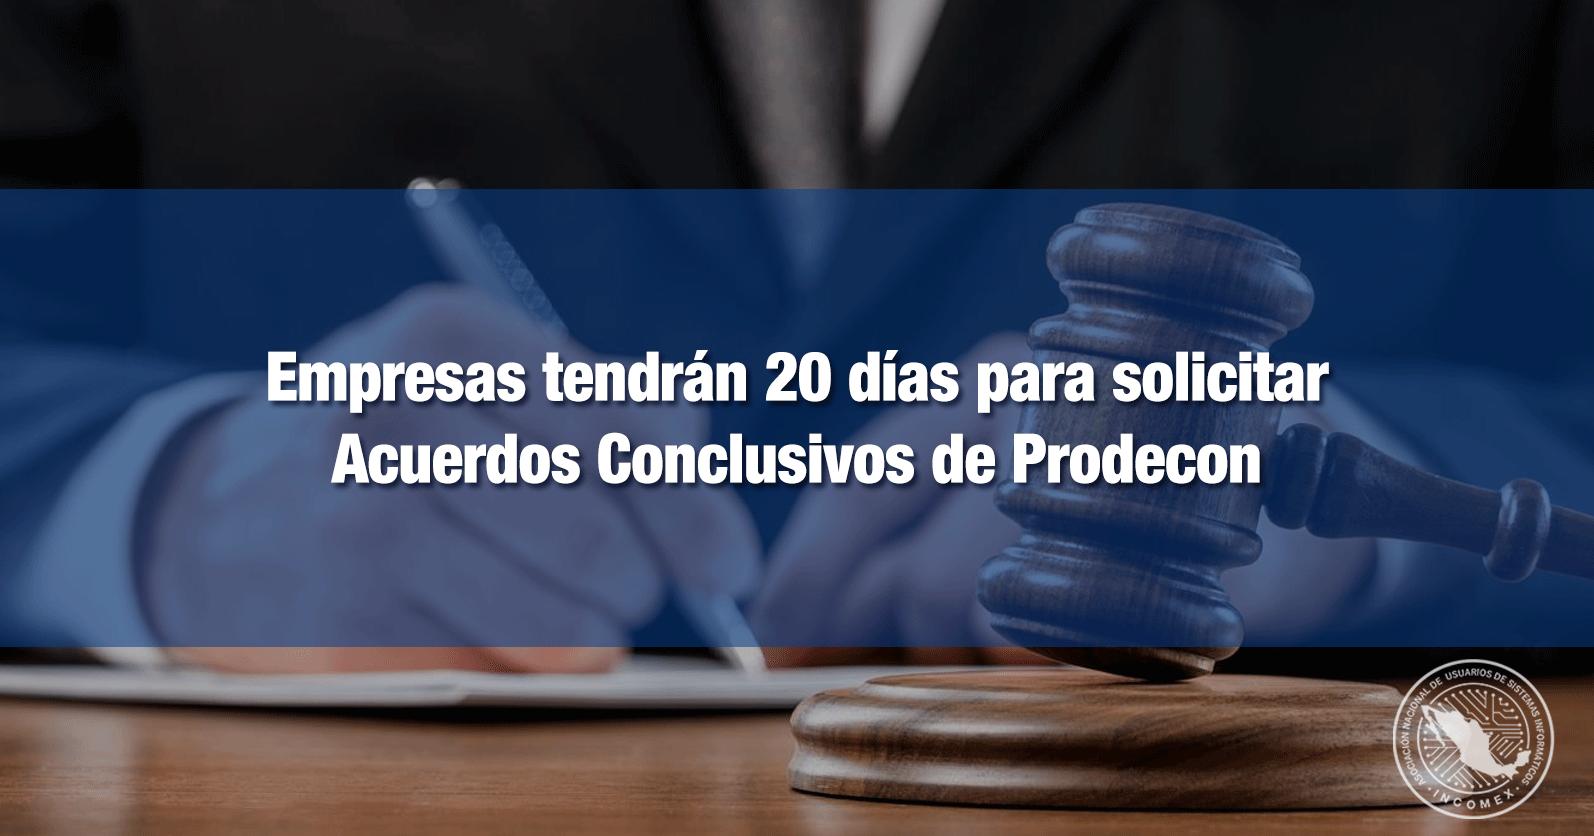 Empresas tendrán 20 días para solicitar Acuerdos Conclusivos de Prodecon